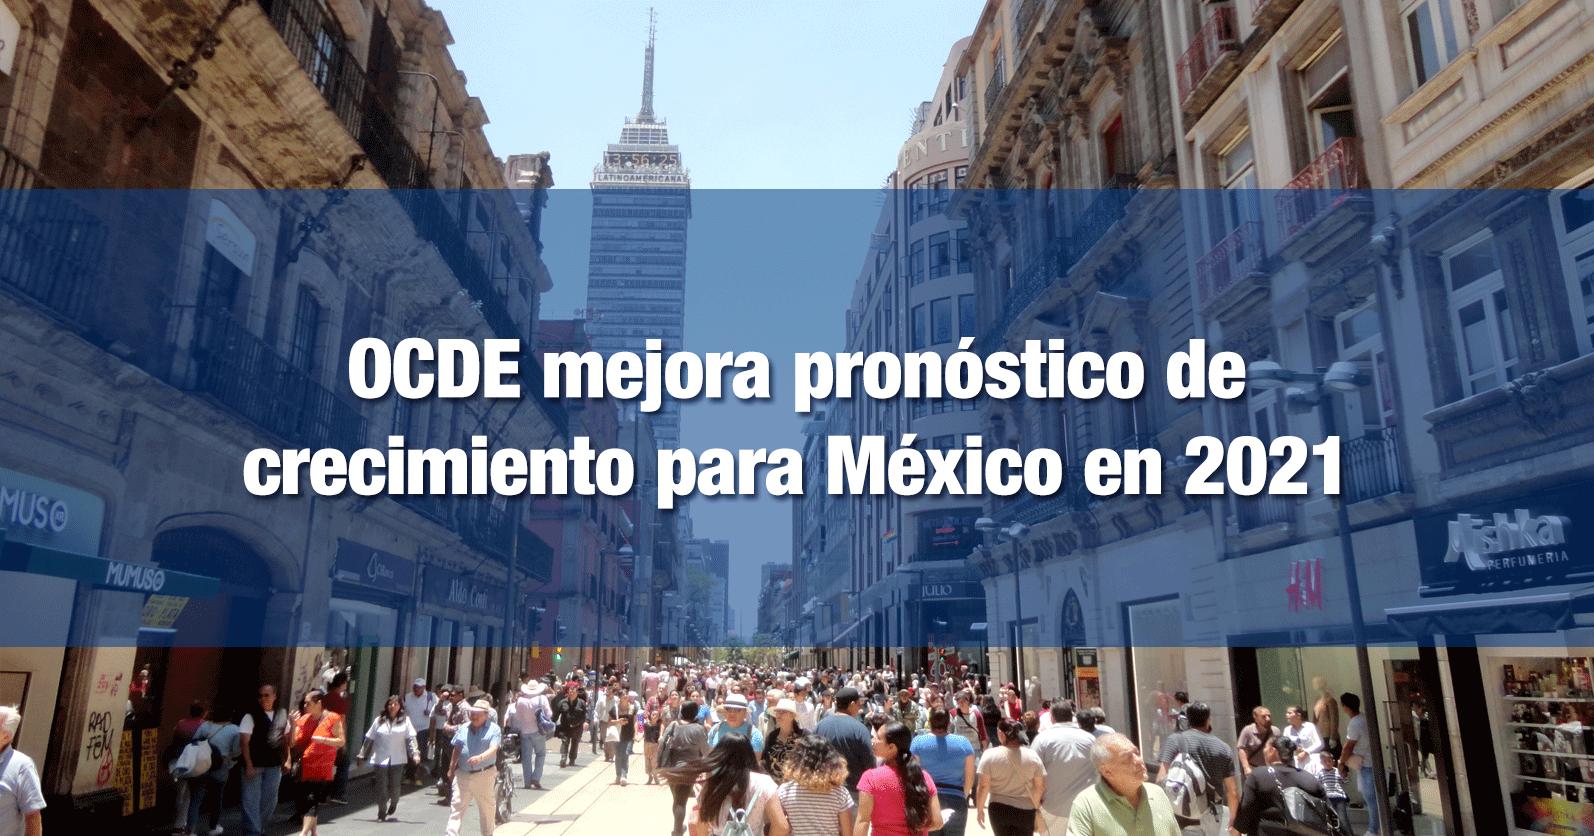 OCDE mejora pronóstico de crecimiento para México en 2021